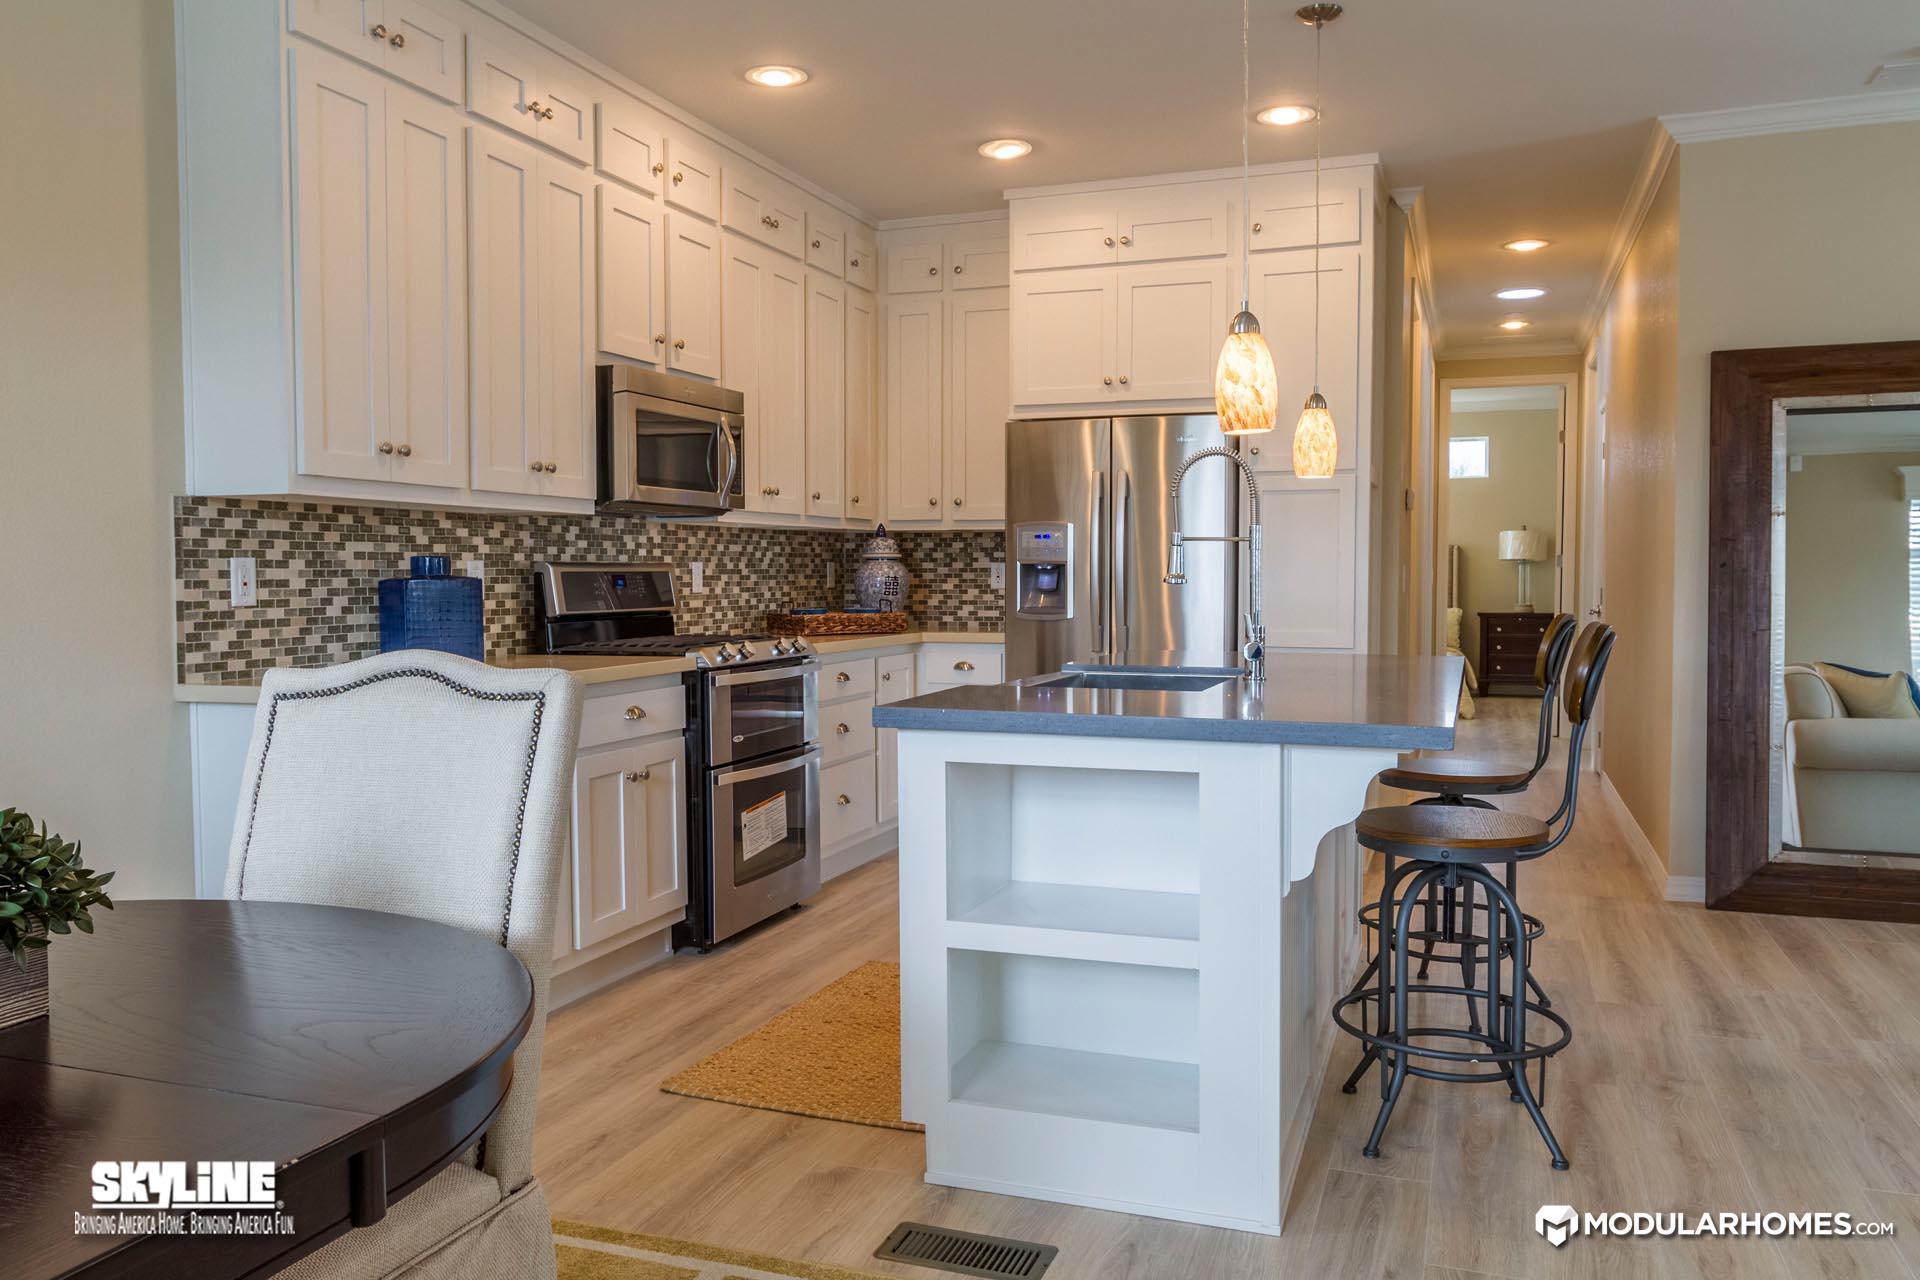 modular home refinance